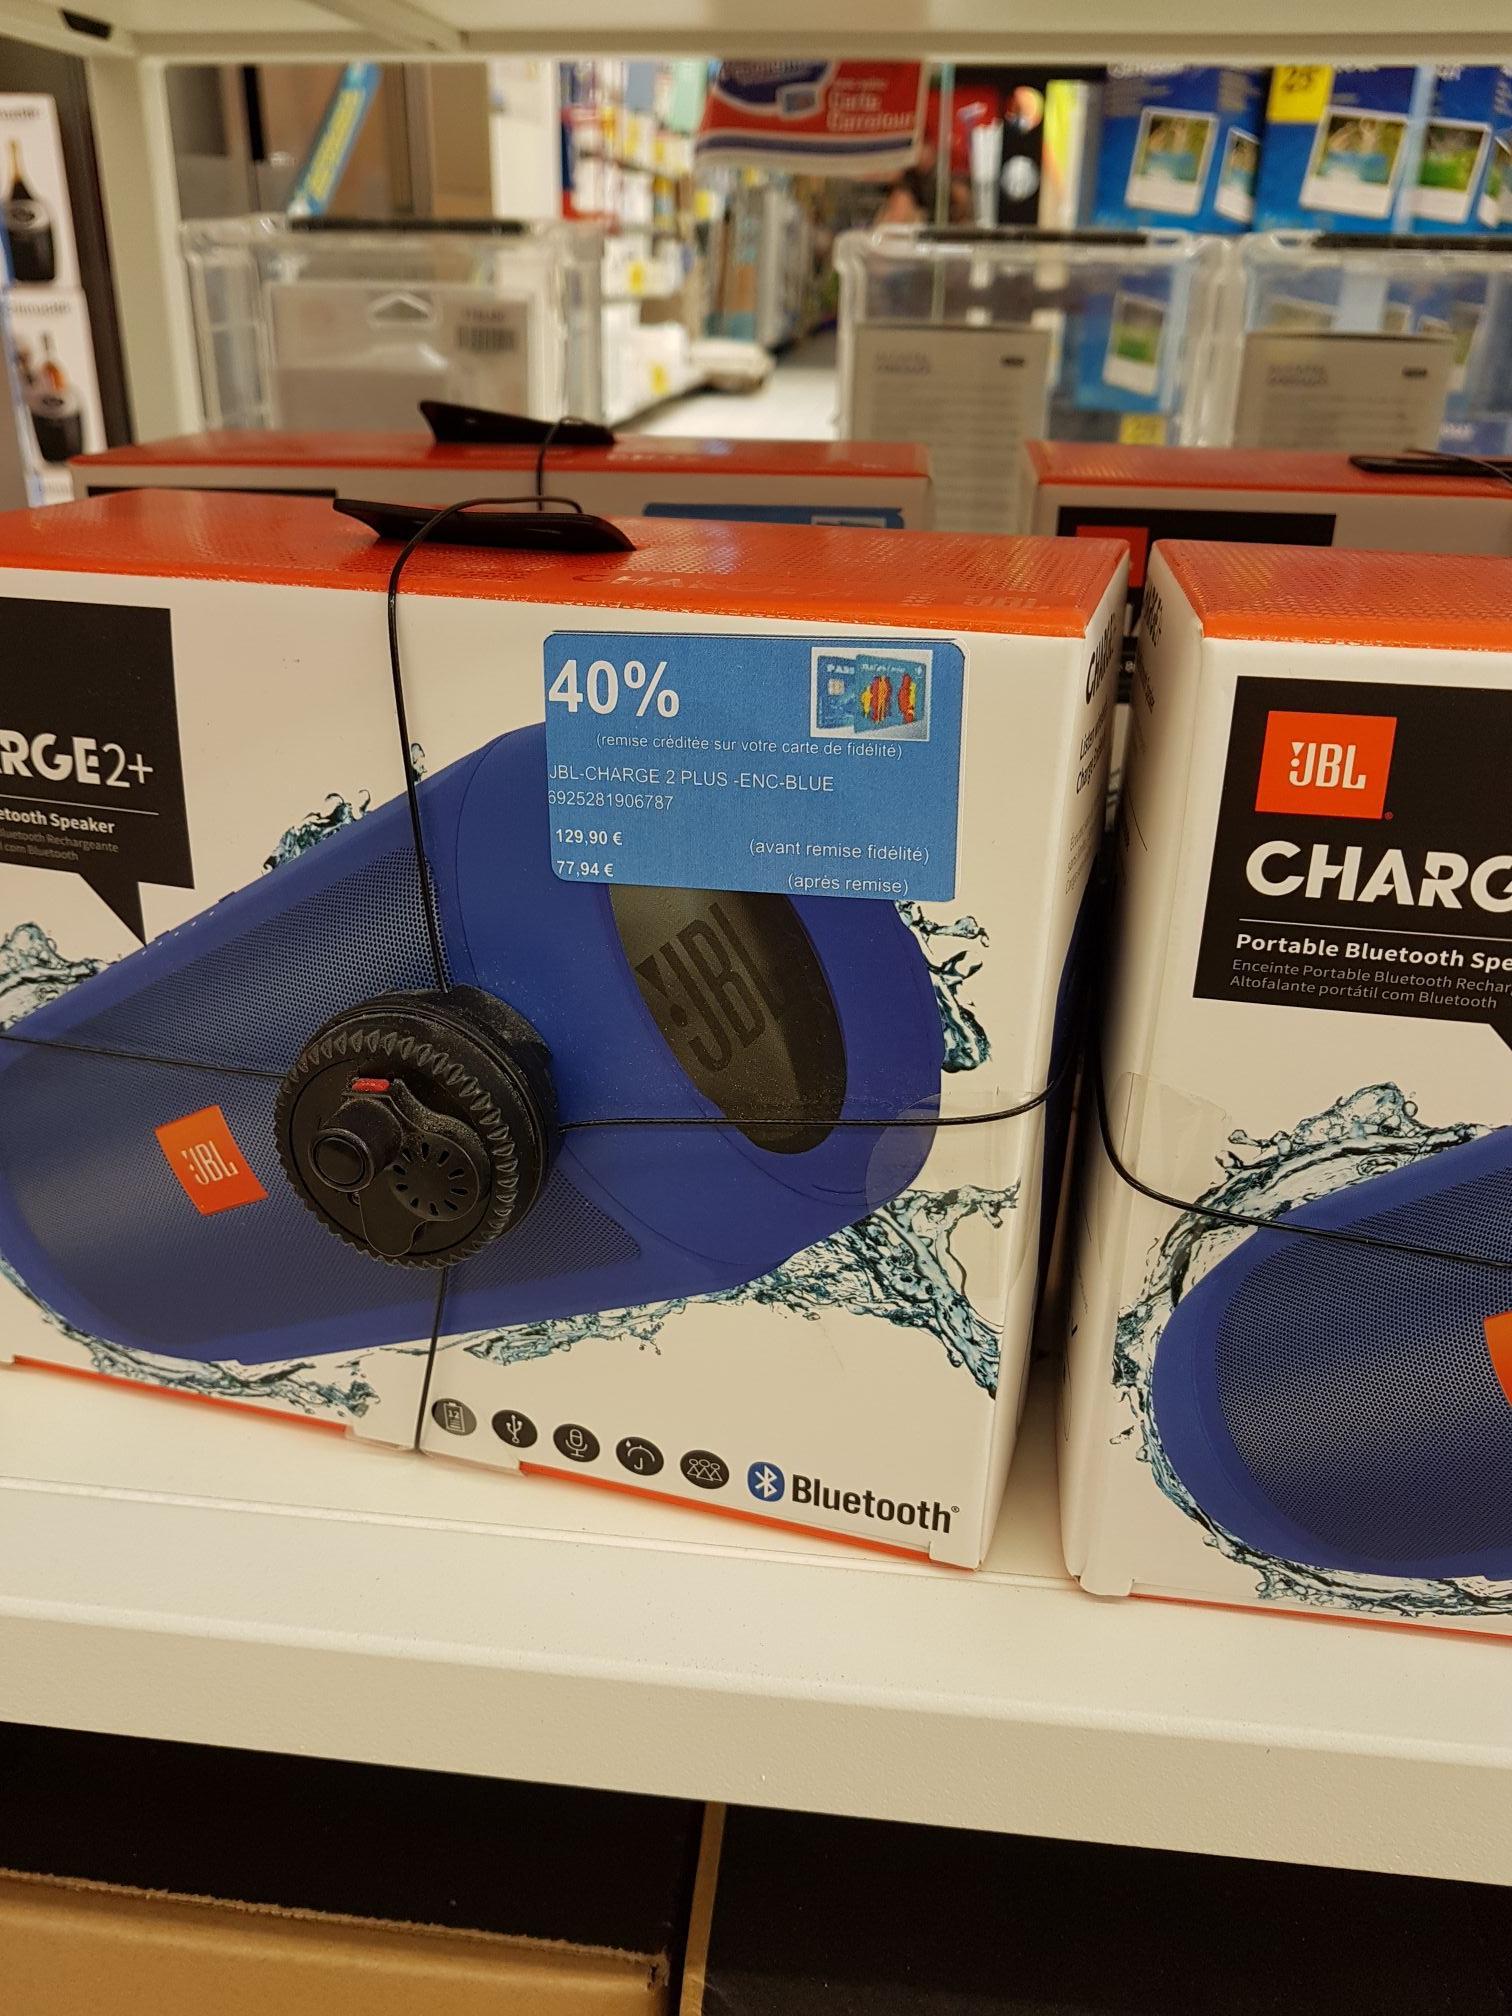 Enceinte portable Jbl Charge 2+ Bleue (via 51.69€ fidélité)